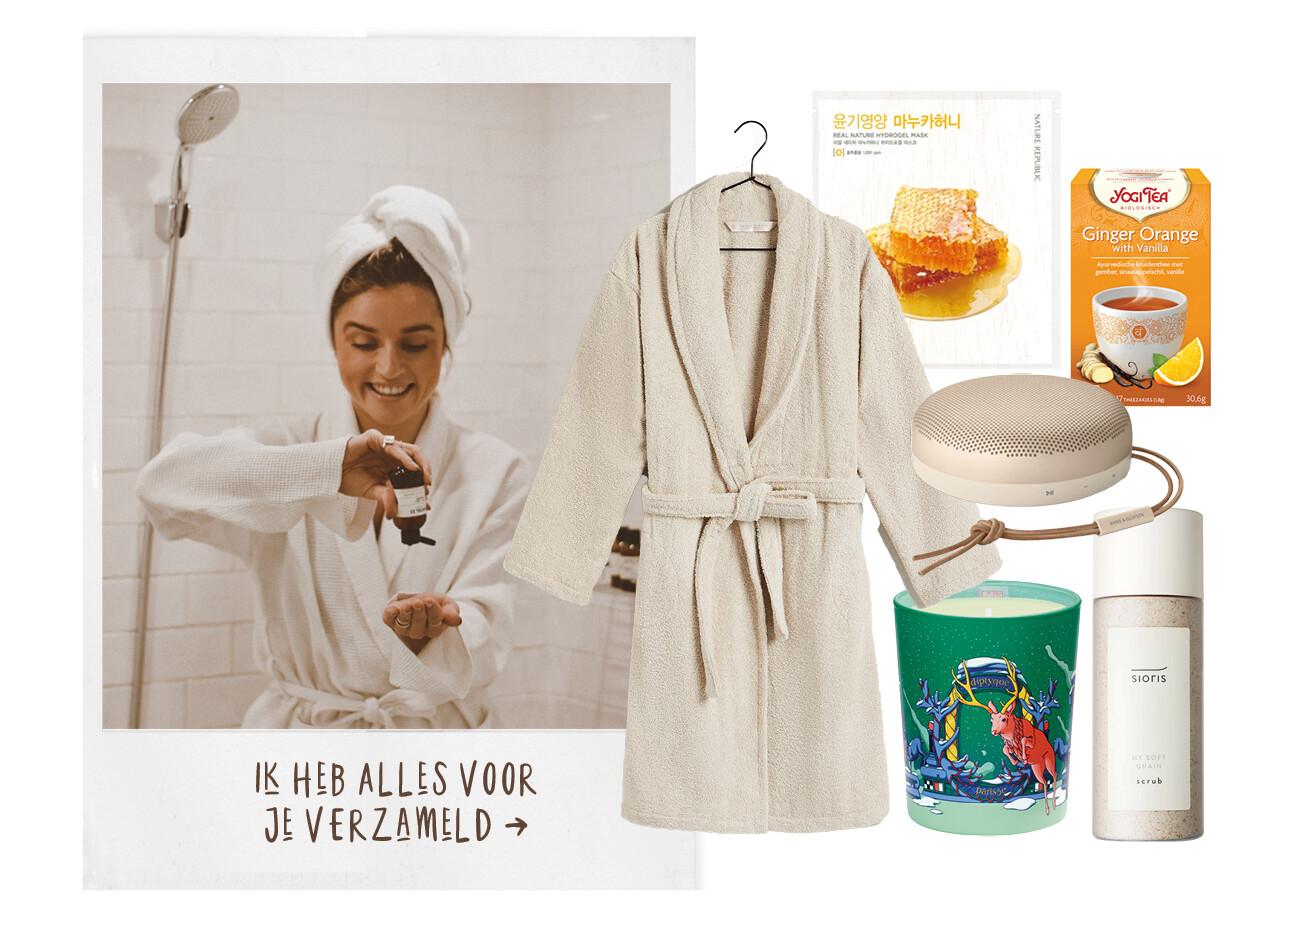 Lotte van scherpenzeel badkamer handdoek shopping beauty items